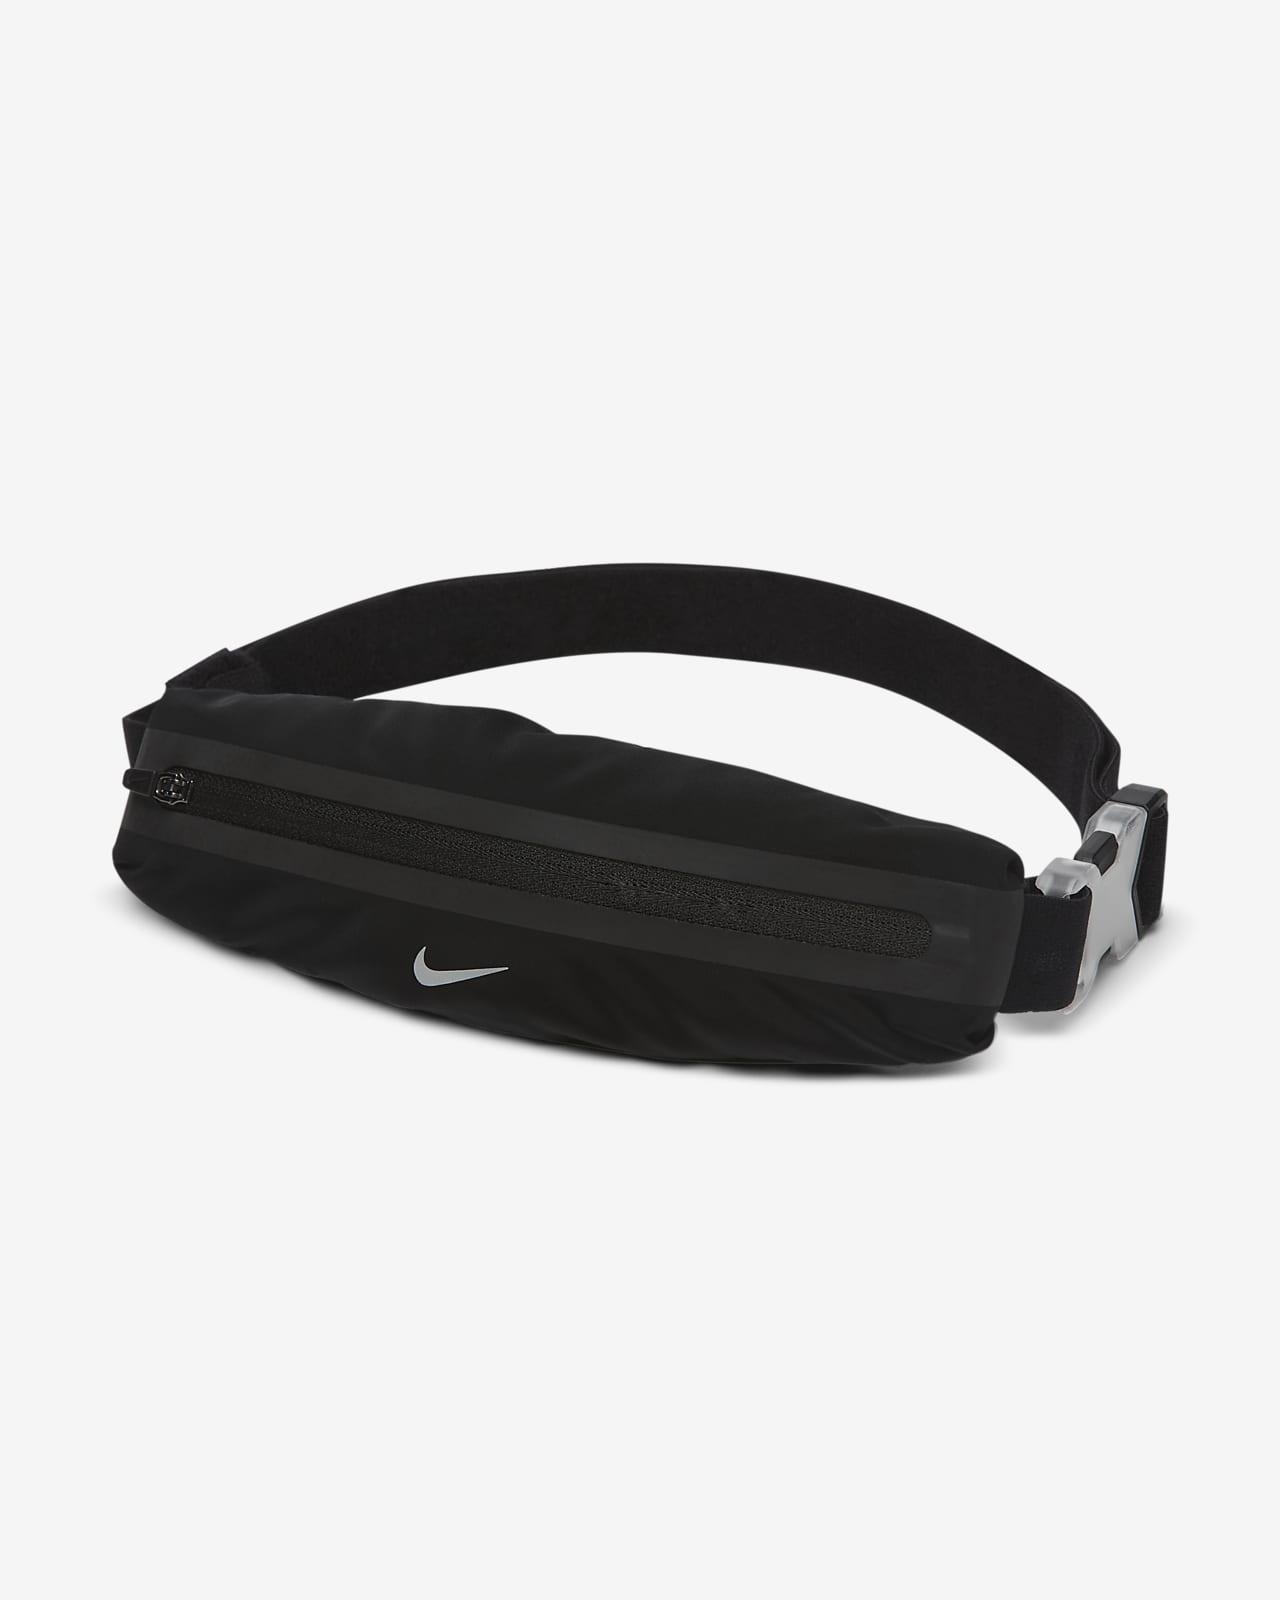 Sac banane slim 2.0 Nike